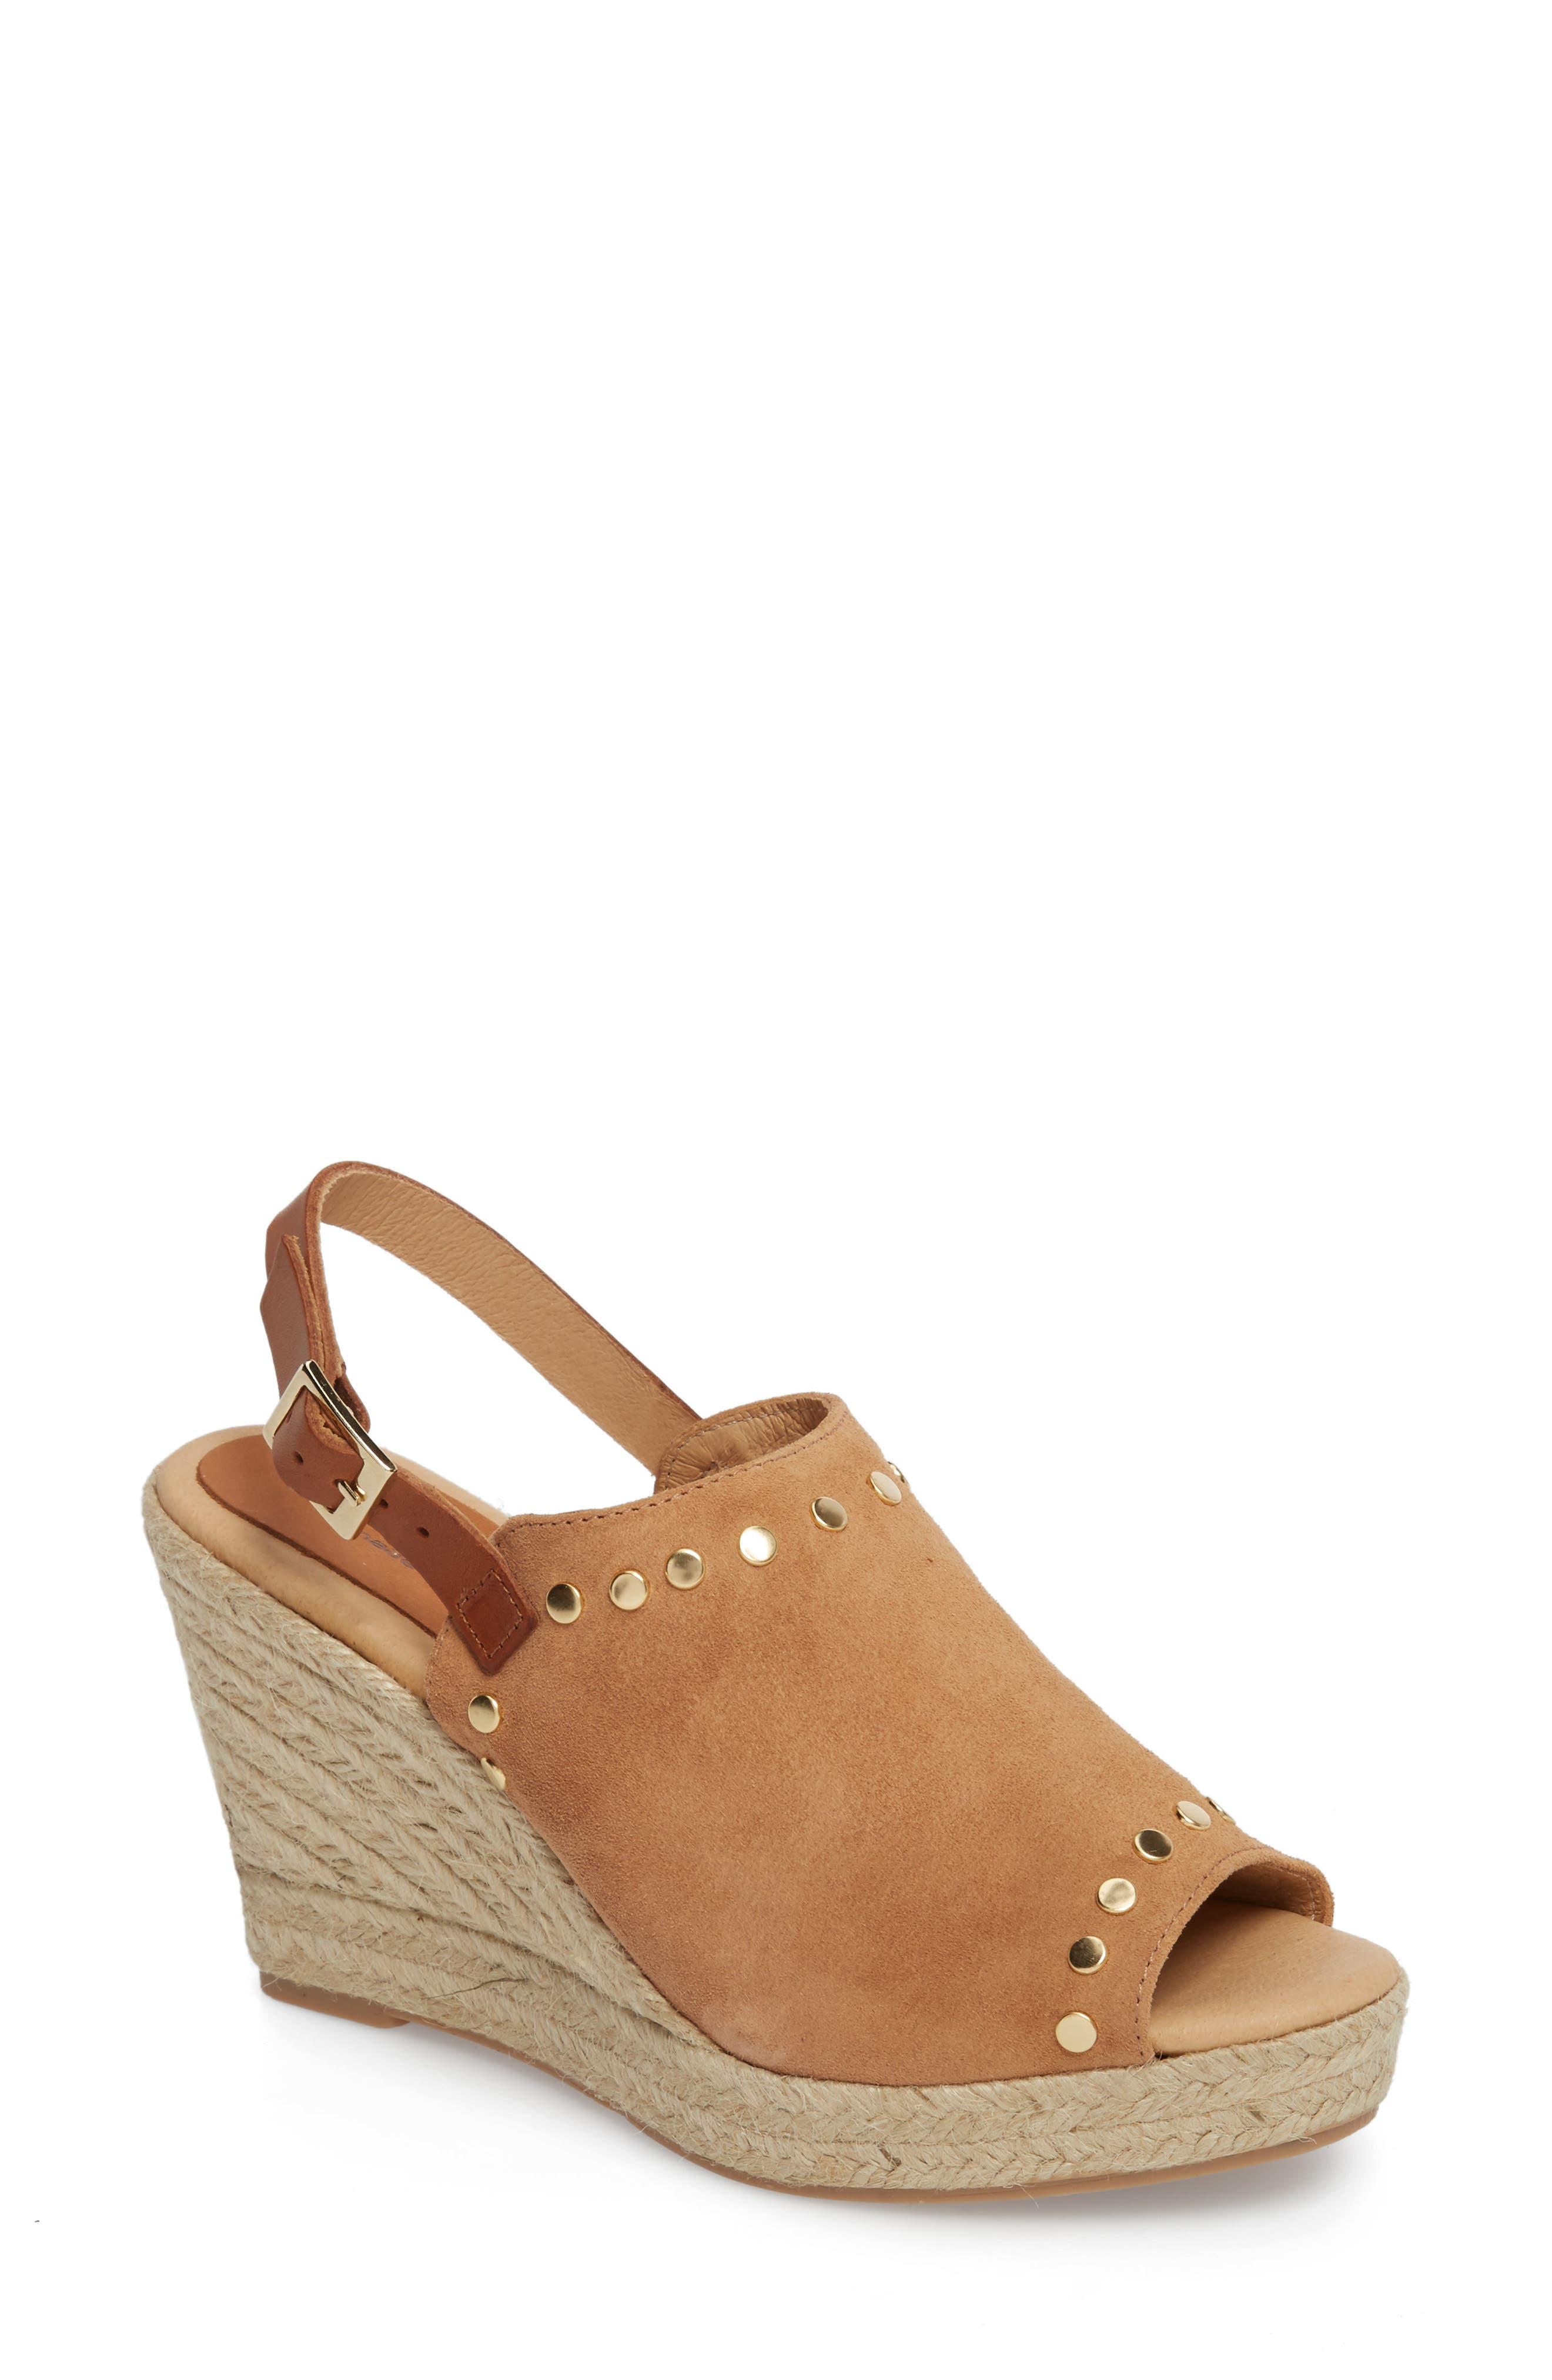 Rockstar Espadrille Wedge Sandal,                         Main,                         color, Camel Suede